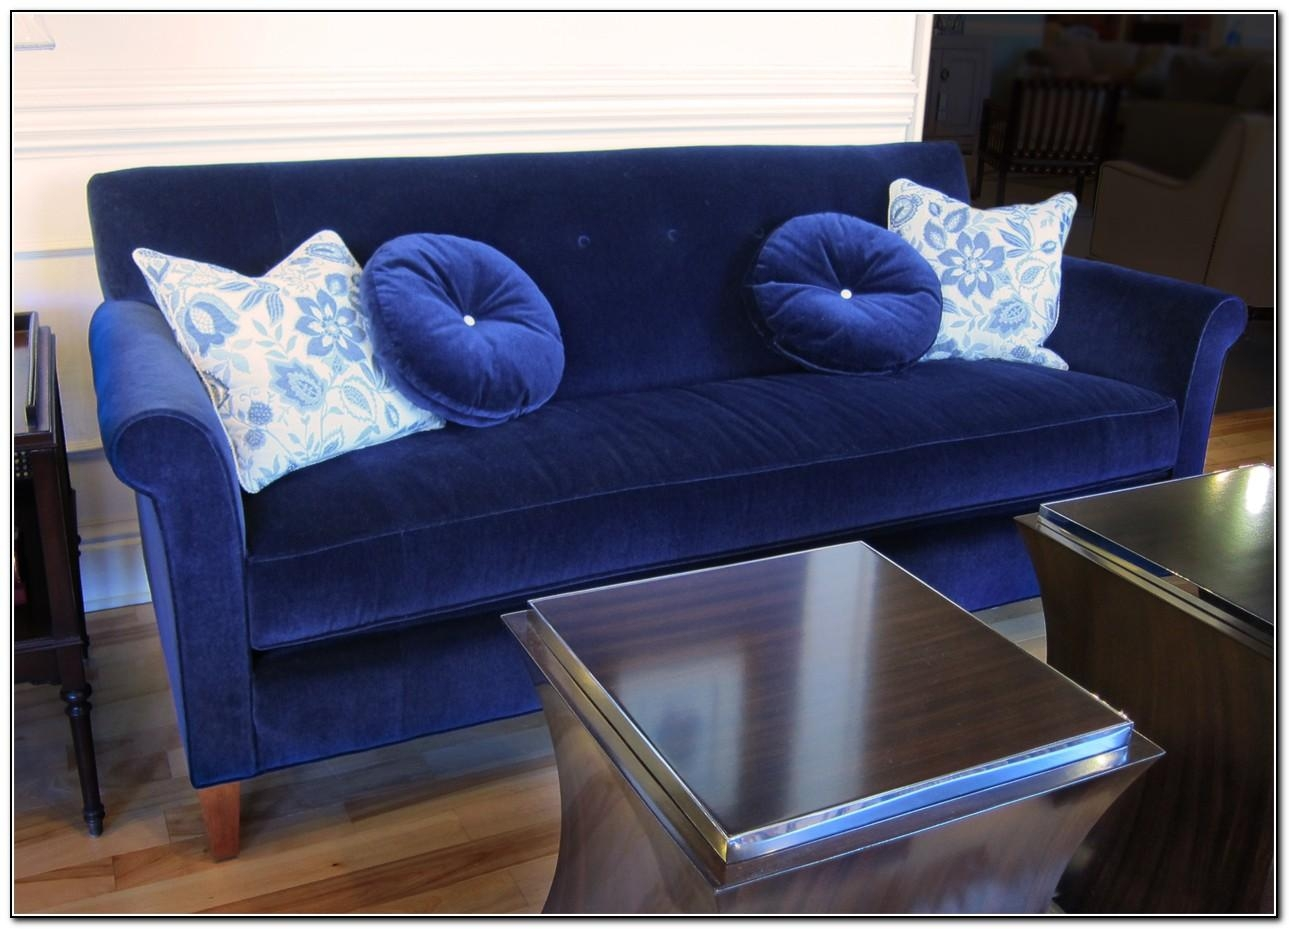 Blue Velvet Sofa Slipcover – Sofa : Home Design Ideas #qqnkrrg6Nb15844 For Blue Sofa Slipcovers (Image 5 of 20)